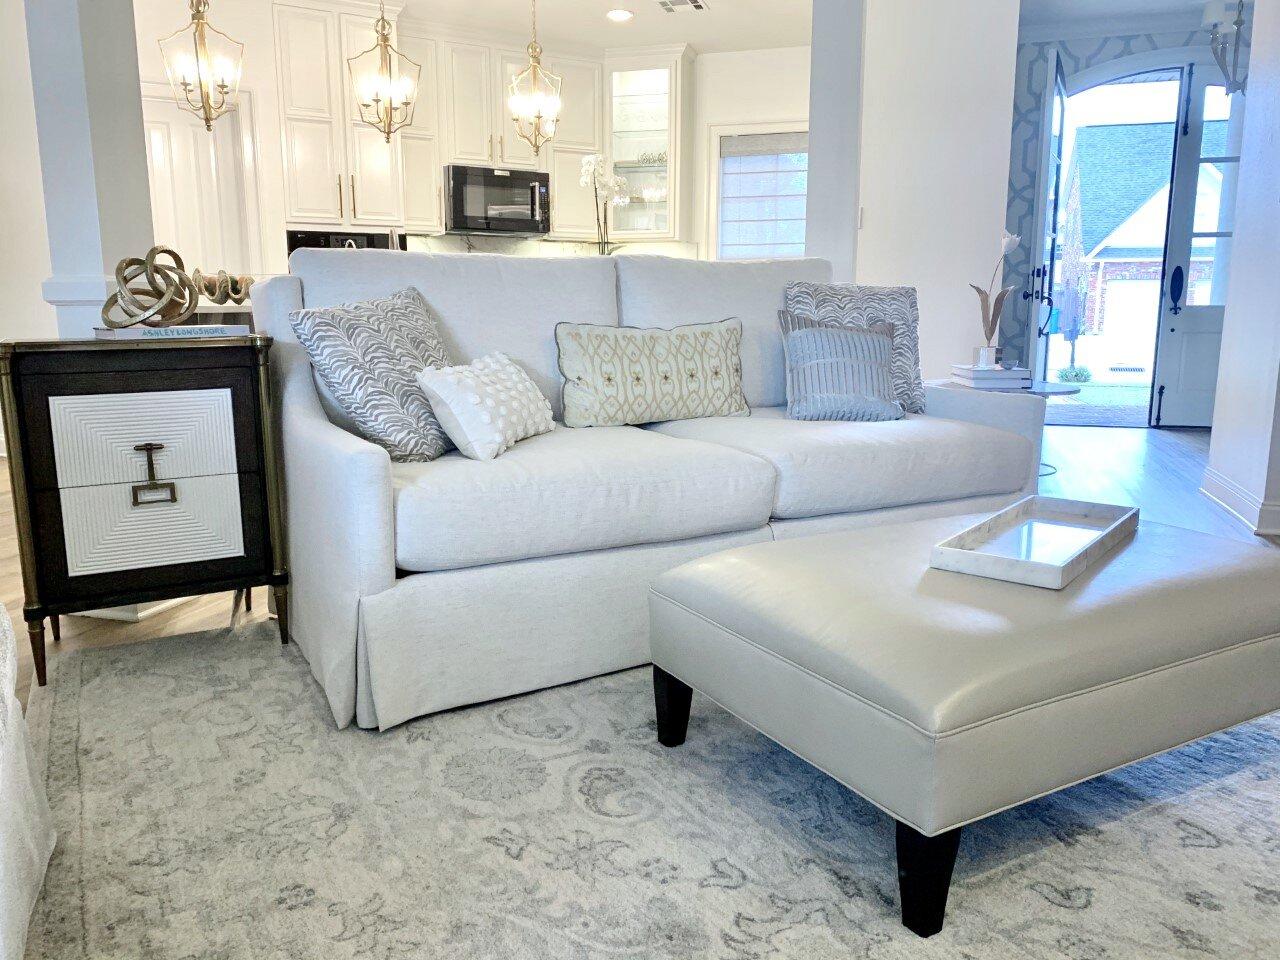 Khb Interiors New Orleans And Metairie Interior Designer Luxury Interior Design